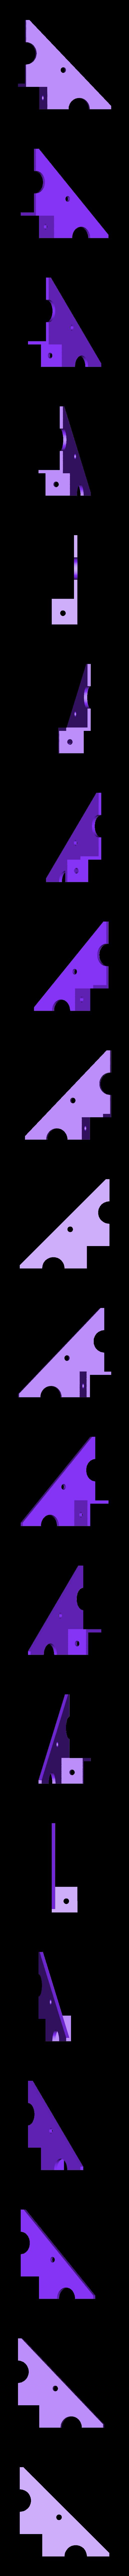 raspi_corner_2020_mount.stl Télécharger fichier SCAD gratuit 2020 Extrusion Corner Camera Mount • Plan imprimable en 3D, terraprint